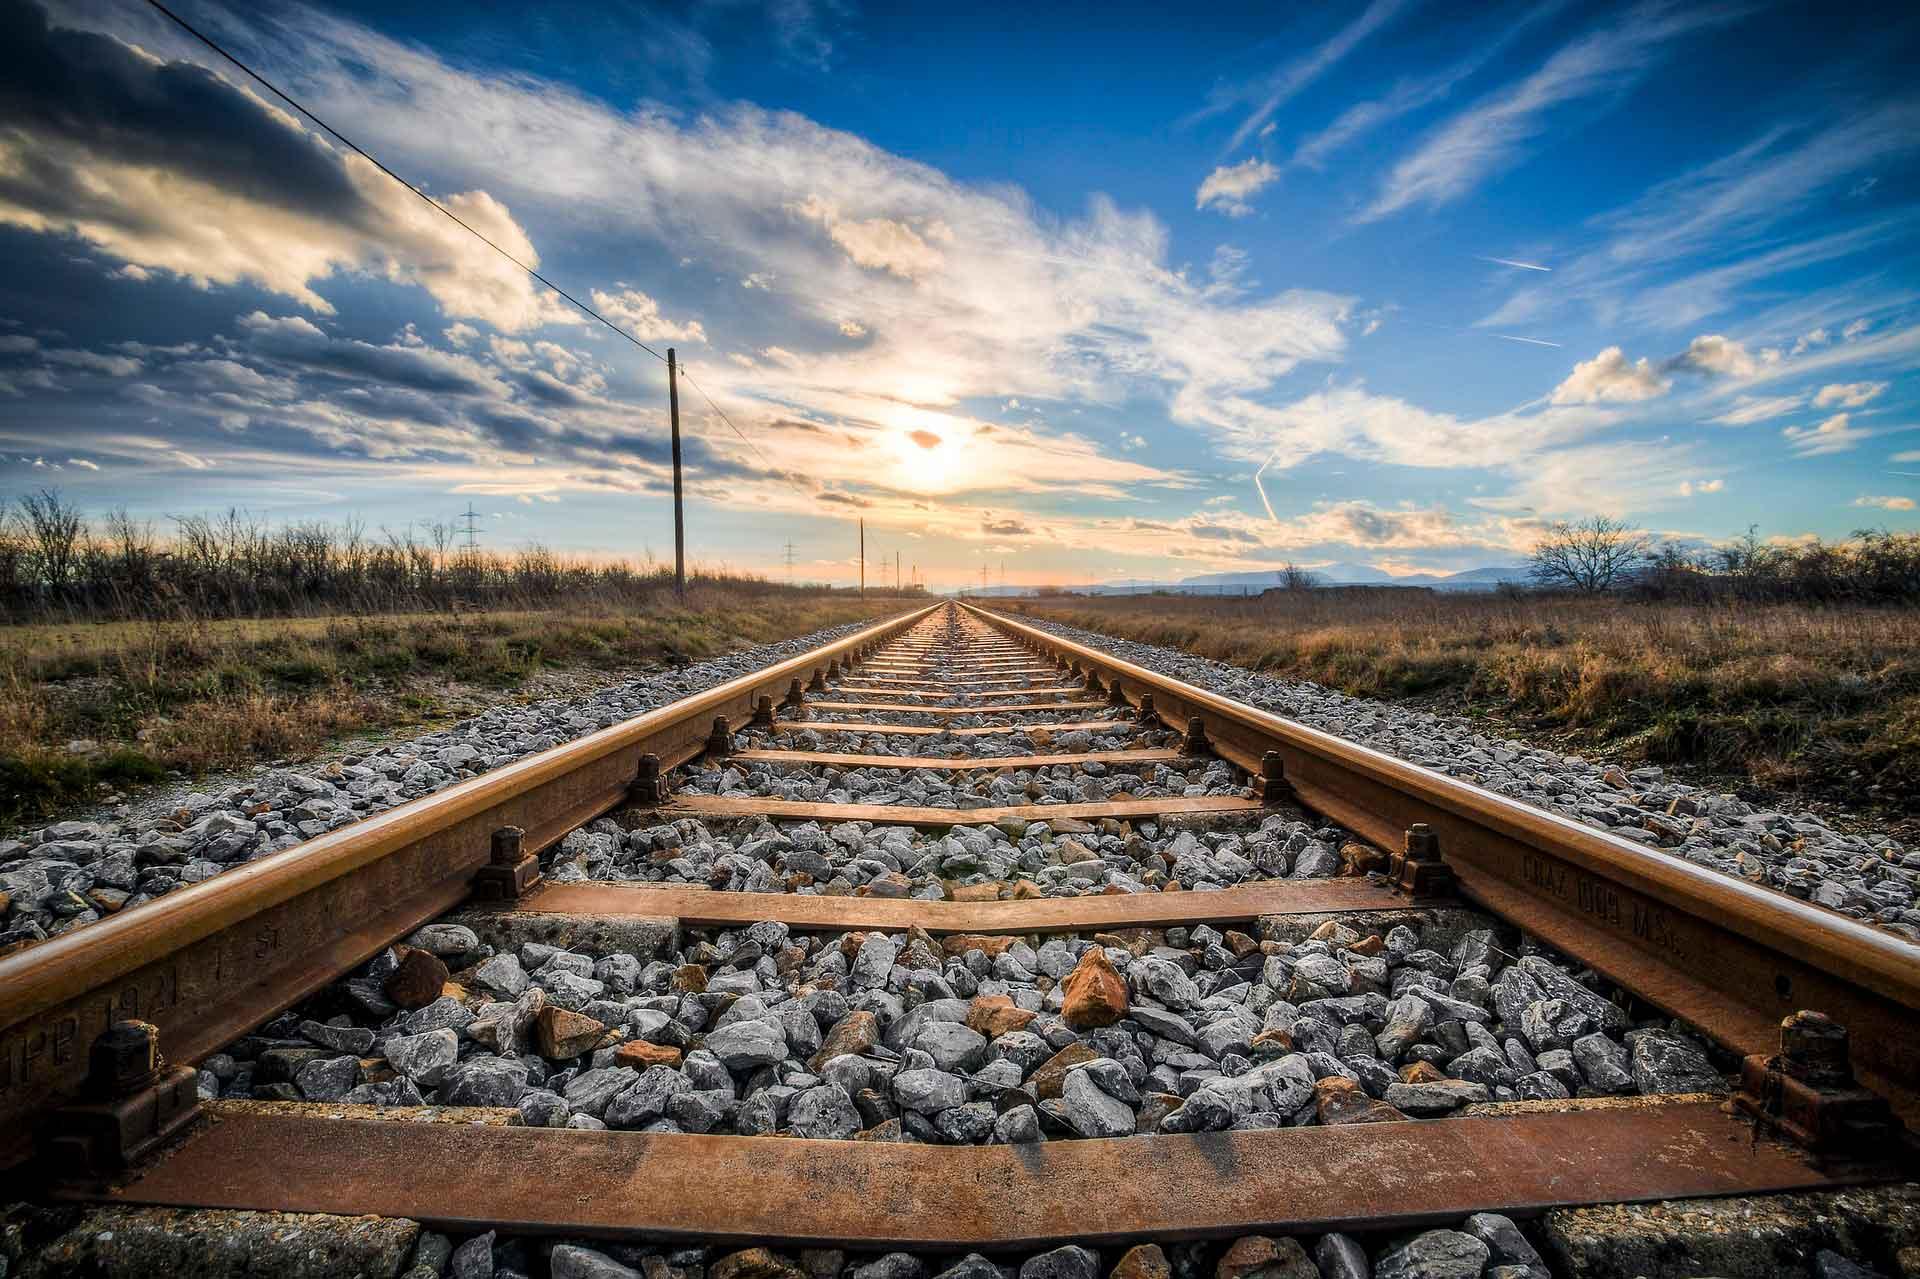 Почему вокруг железнодорожных путей лежат камни?